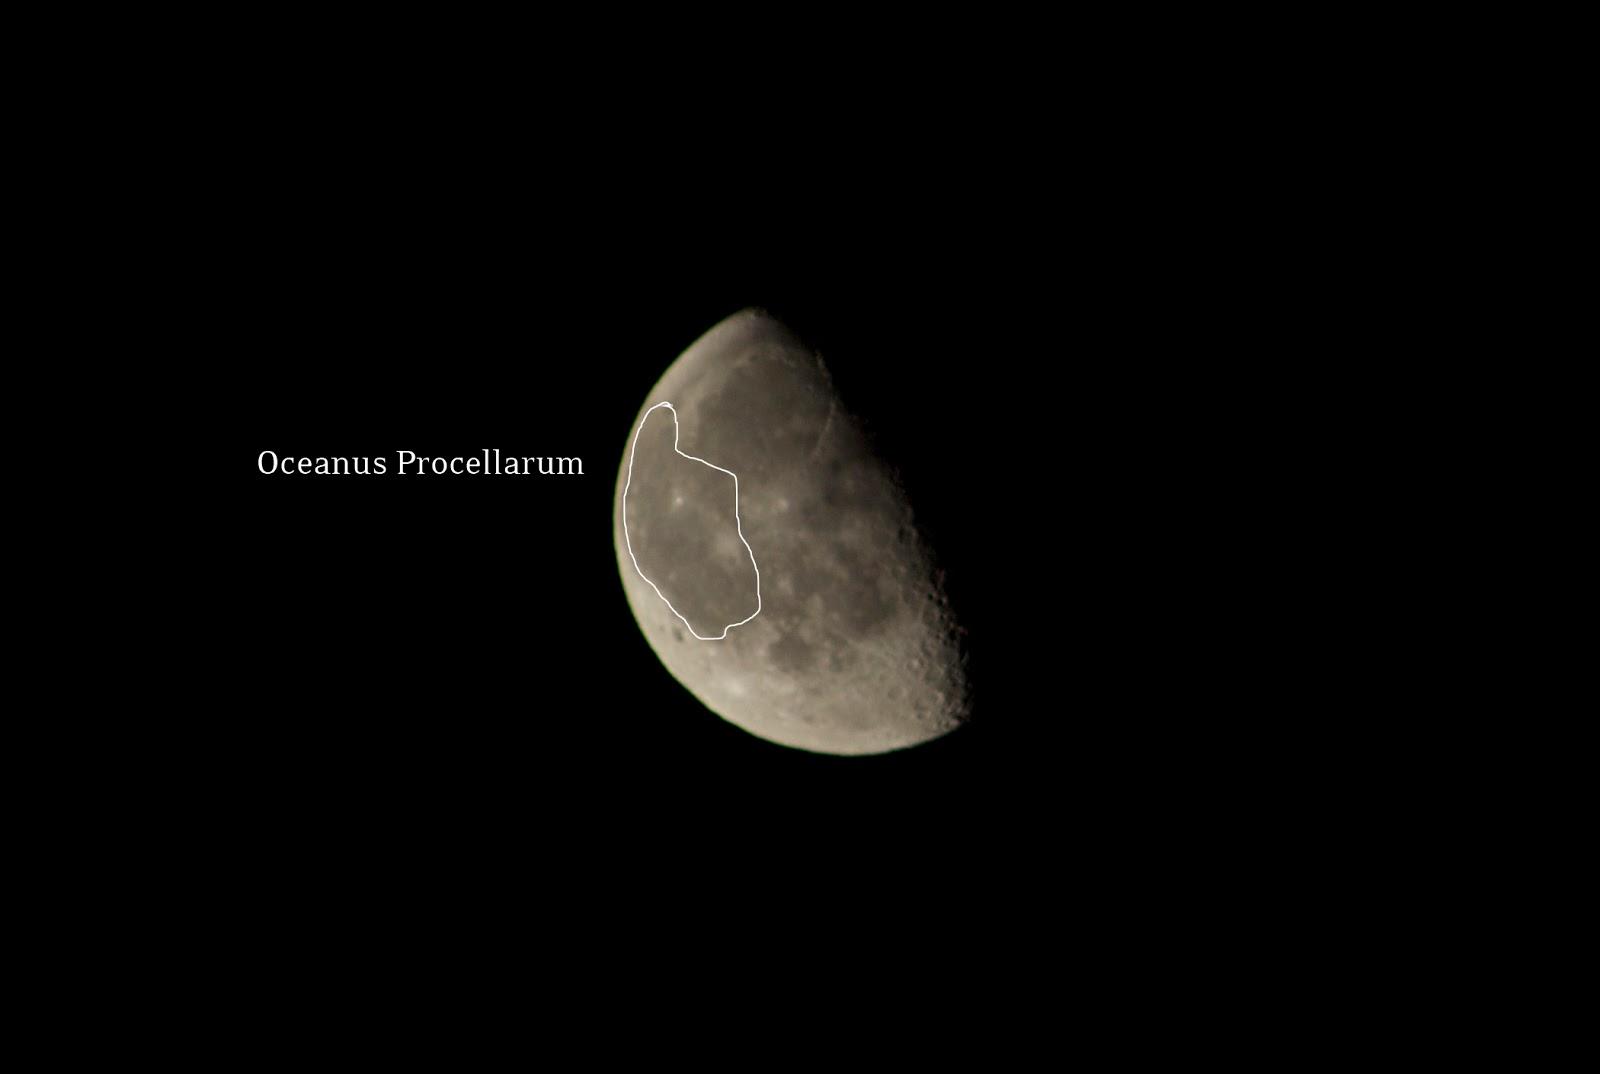 Oceanus Procellarium